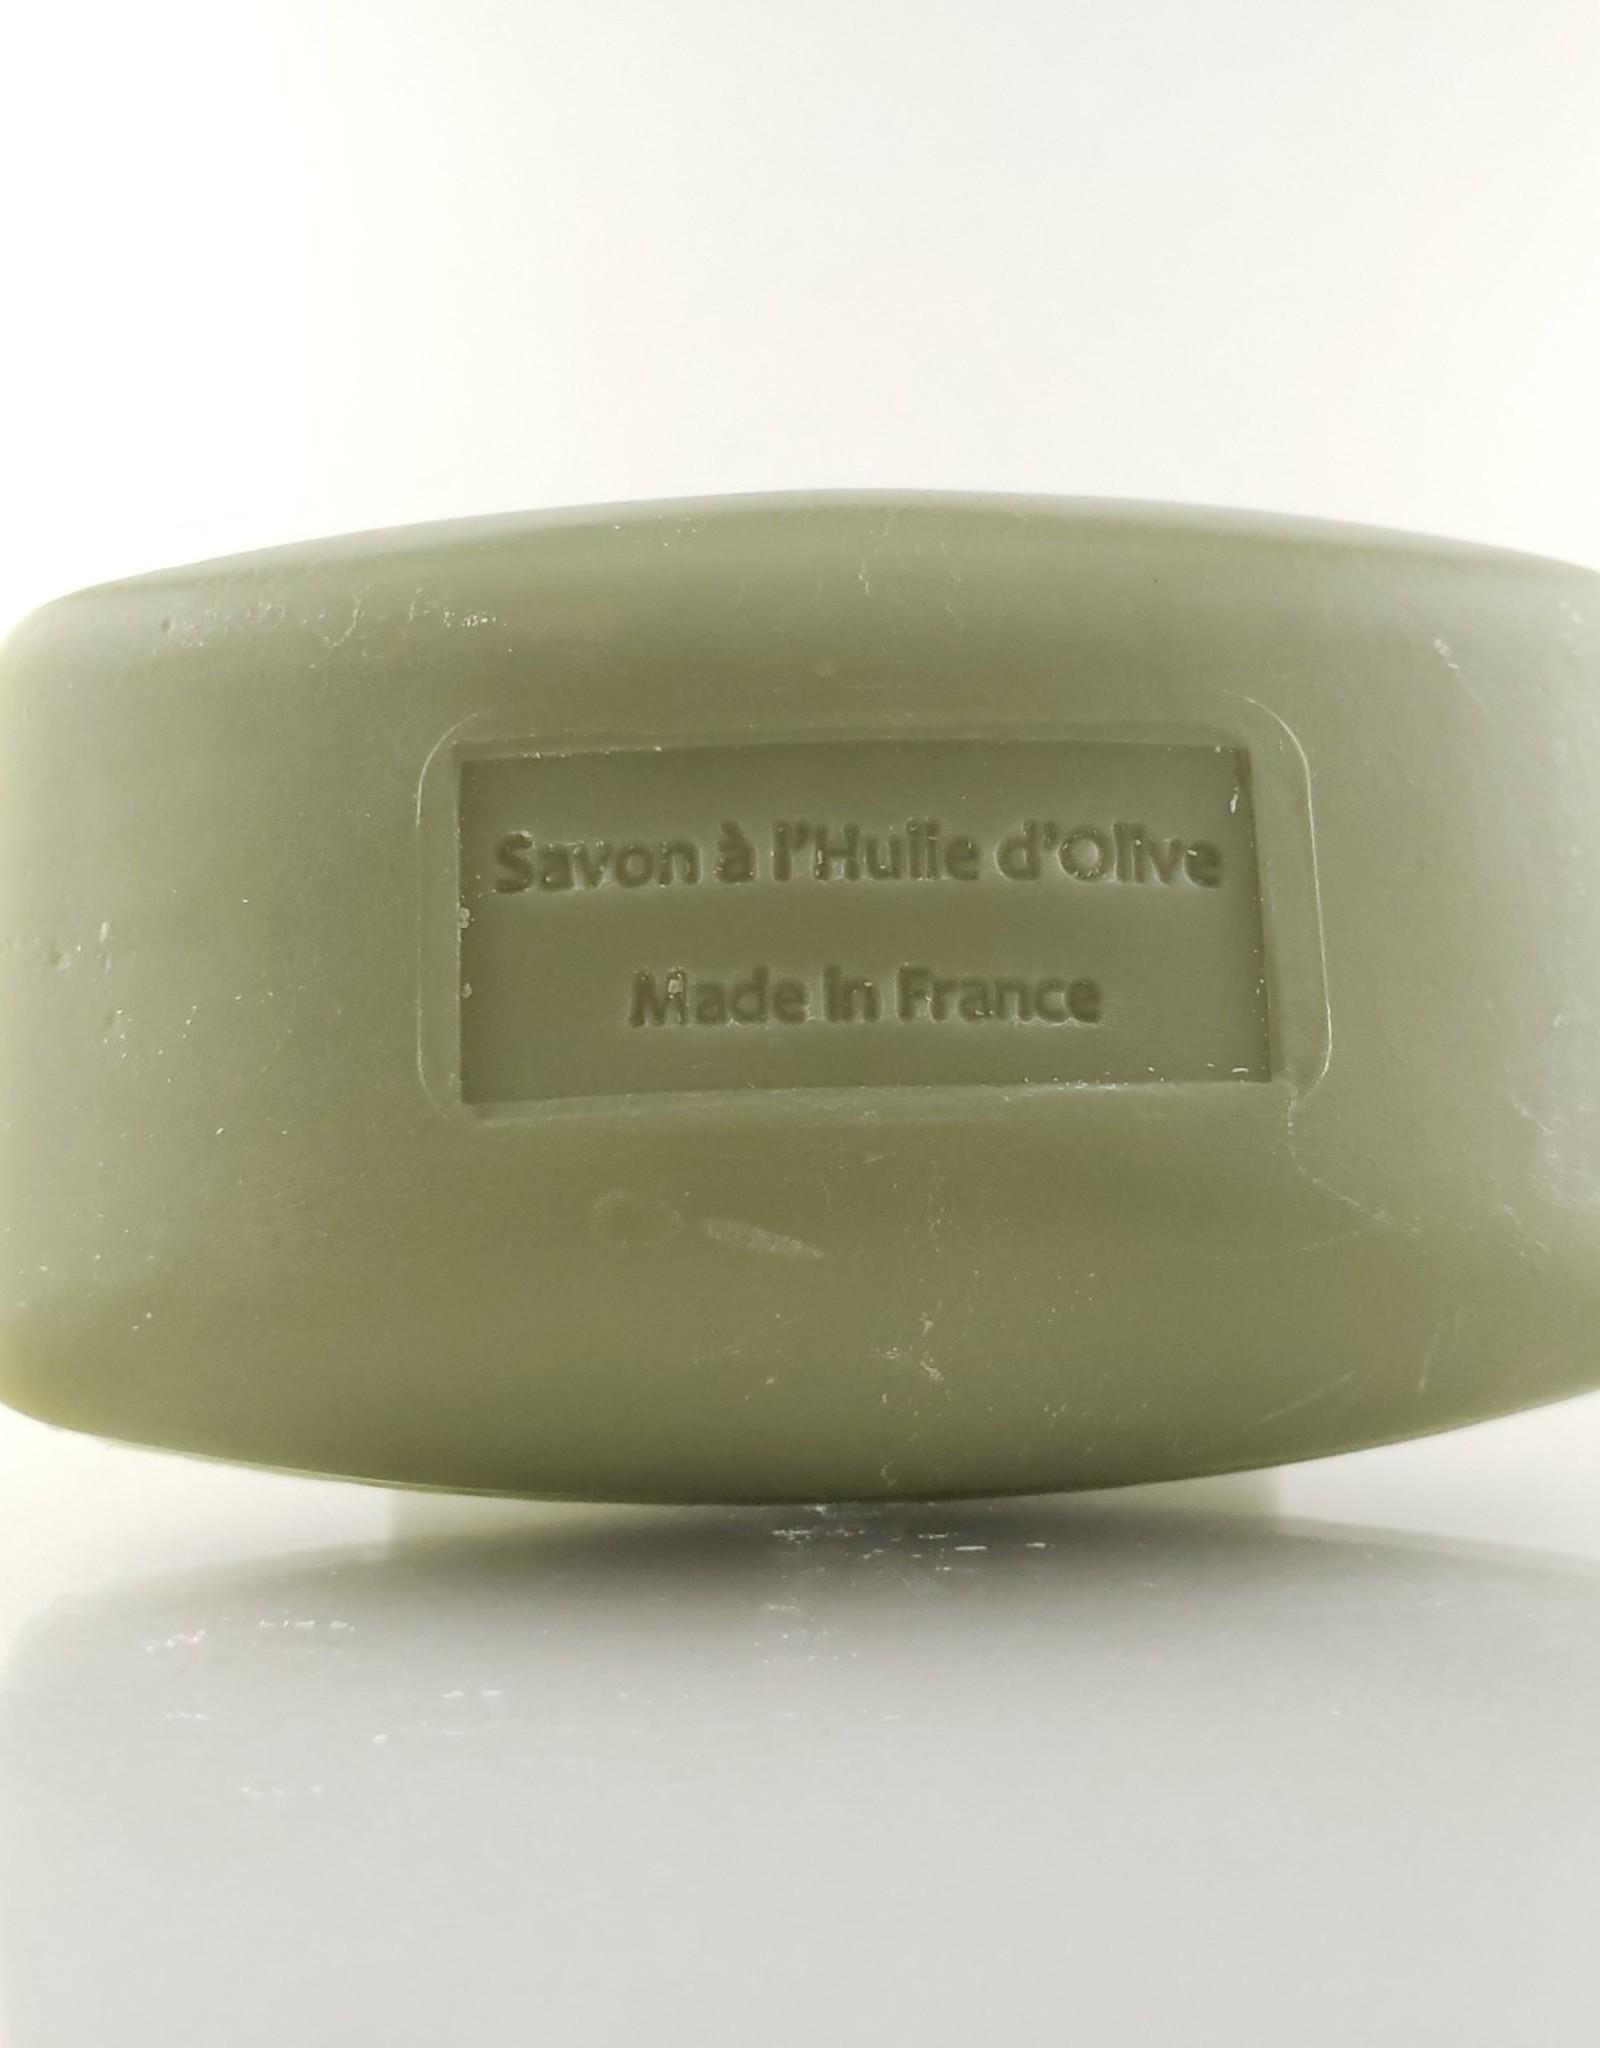 Olive Oil Lavender 150g Curved Soap